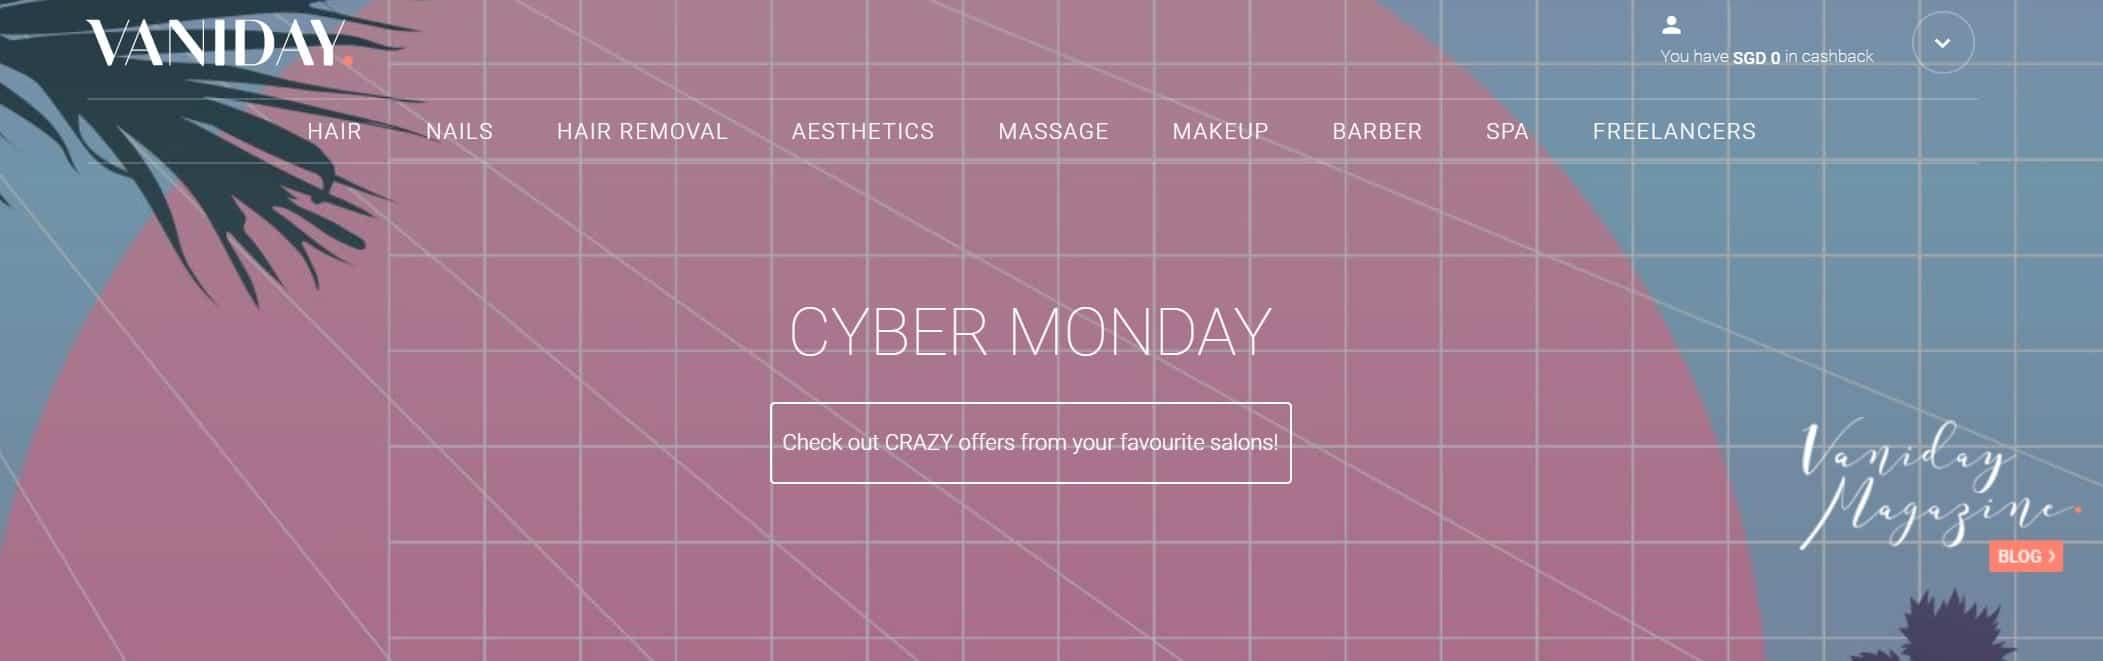 Vaniday Cyber Monday